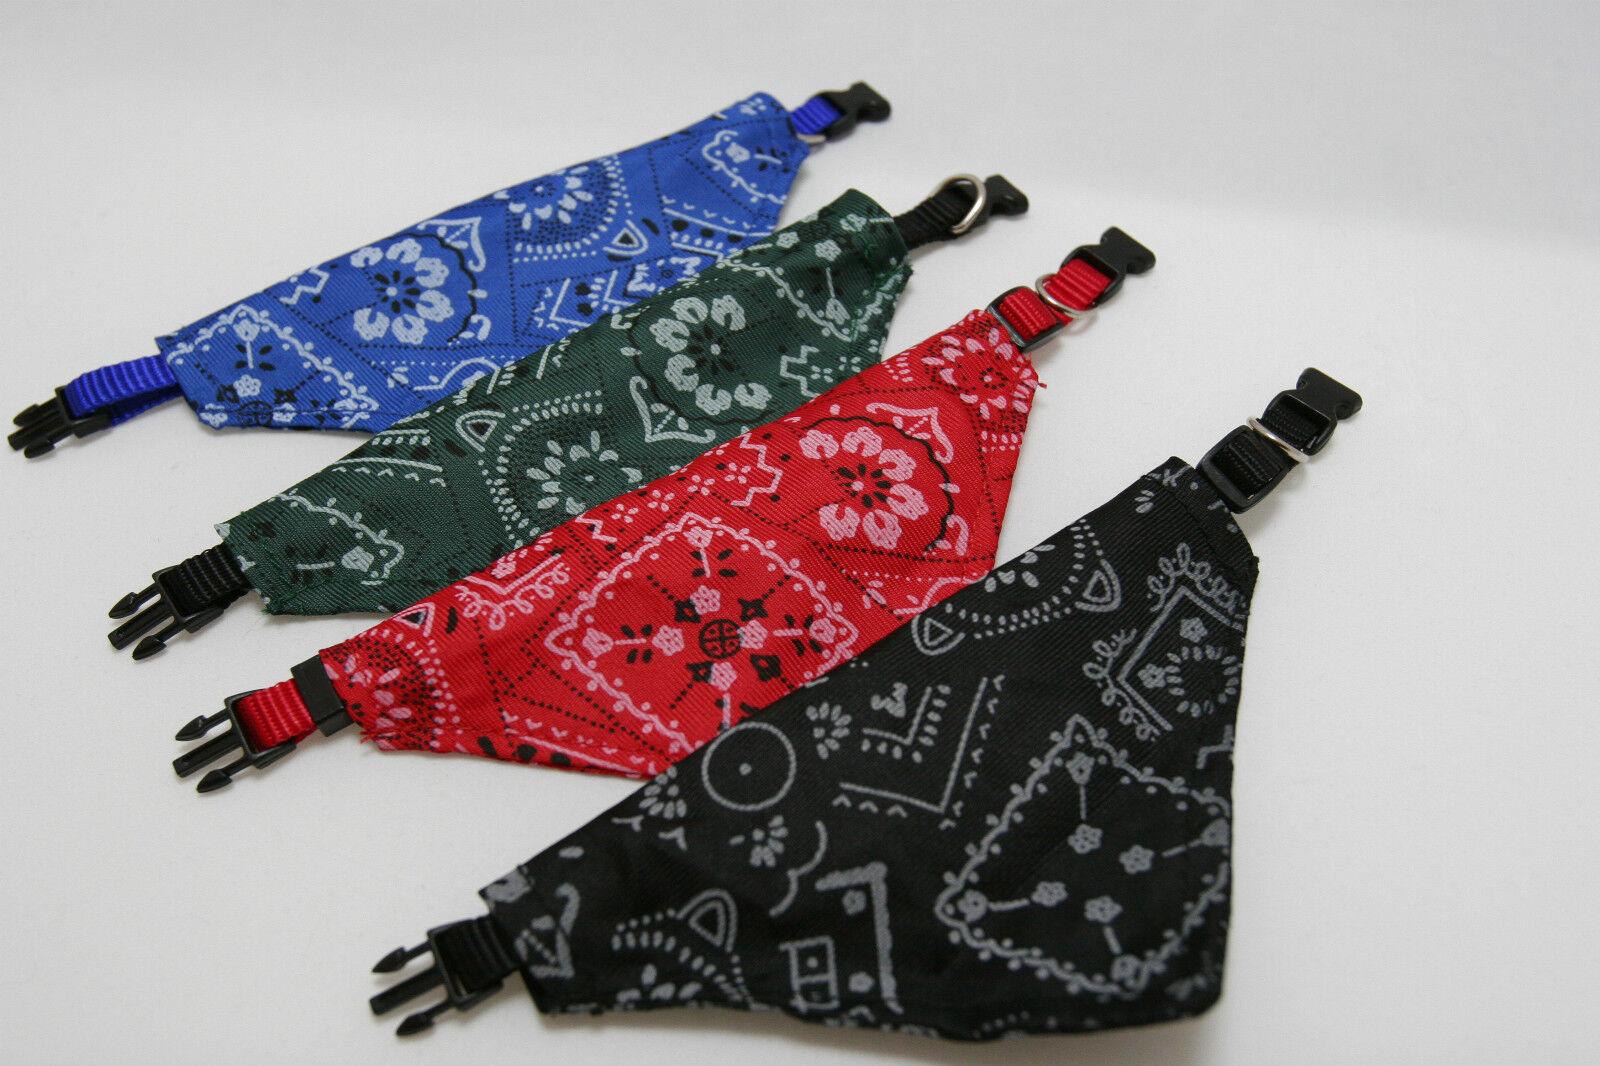 Hundehalsband mit Tuch Bandana, 6 Farbvarianten, Größe - S, M, L, XL.